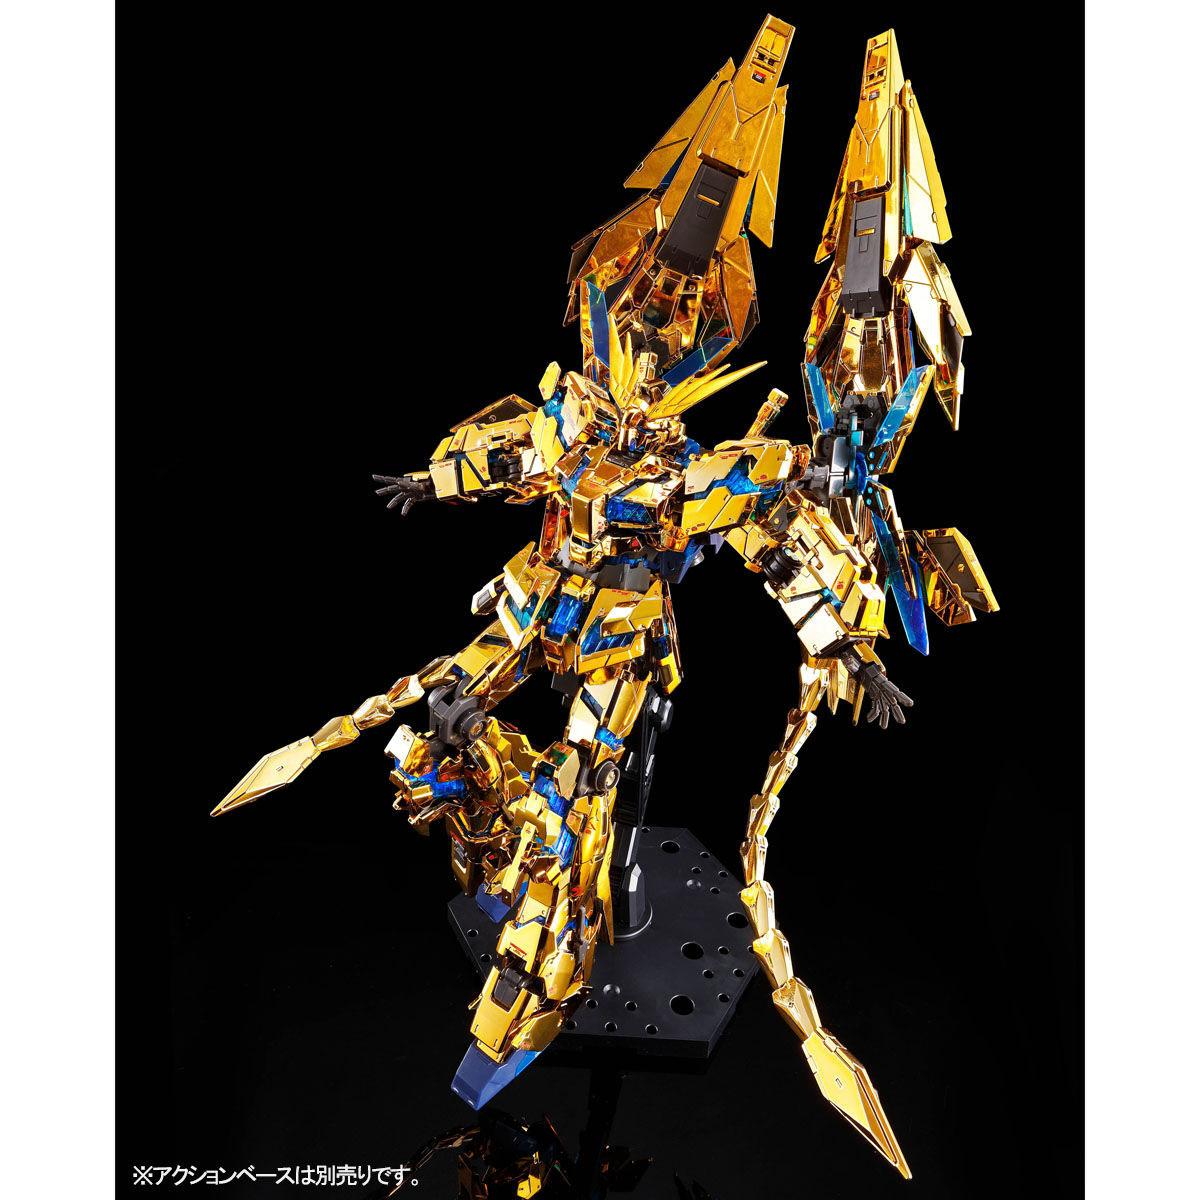 【限定販売】RG 1/144『ユニコーンガンダム3号機 フェネクス(ナラティブVer.)』プラモデル-005